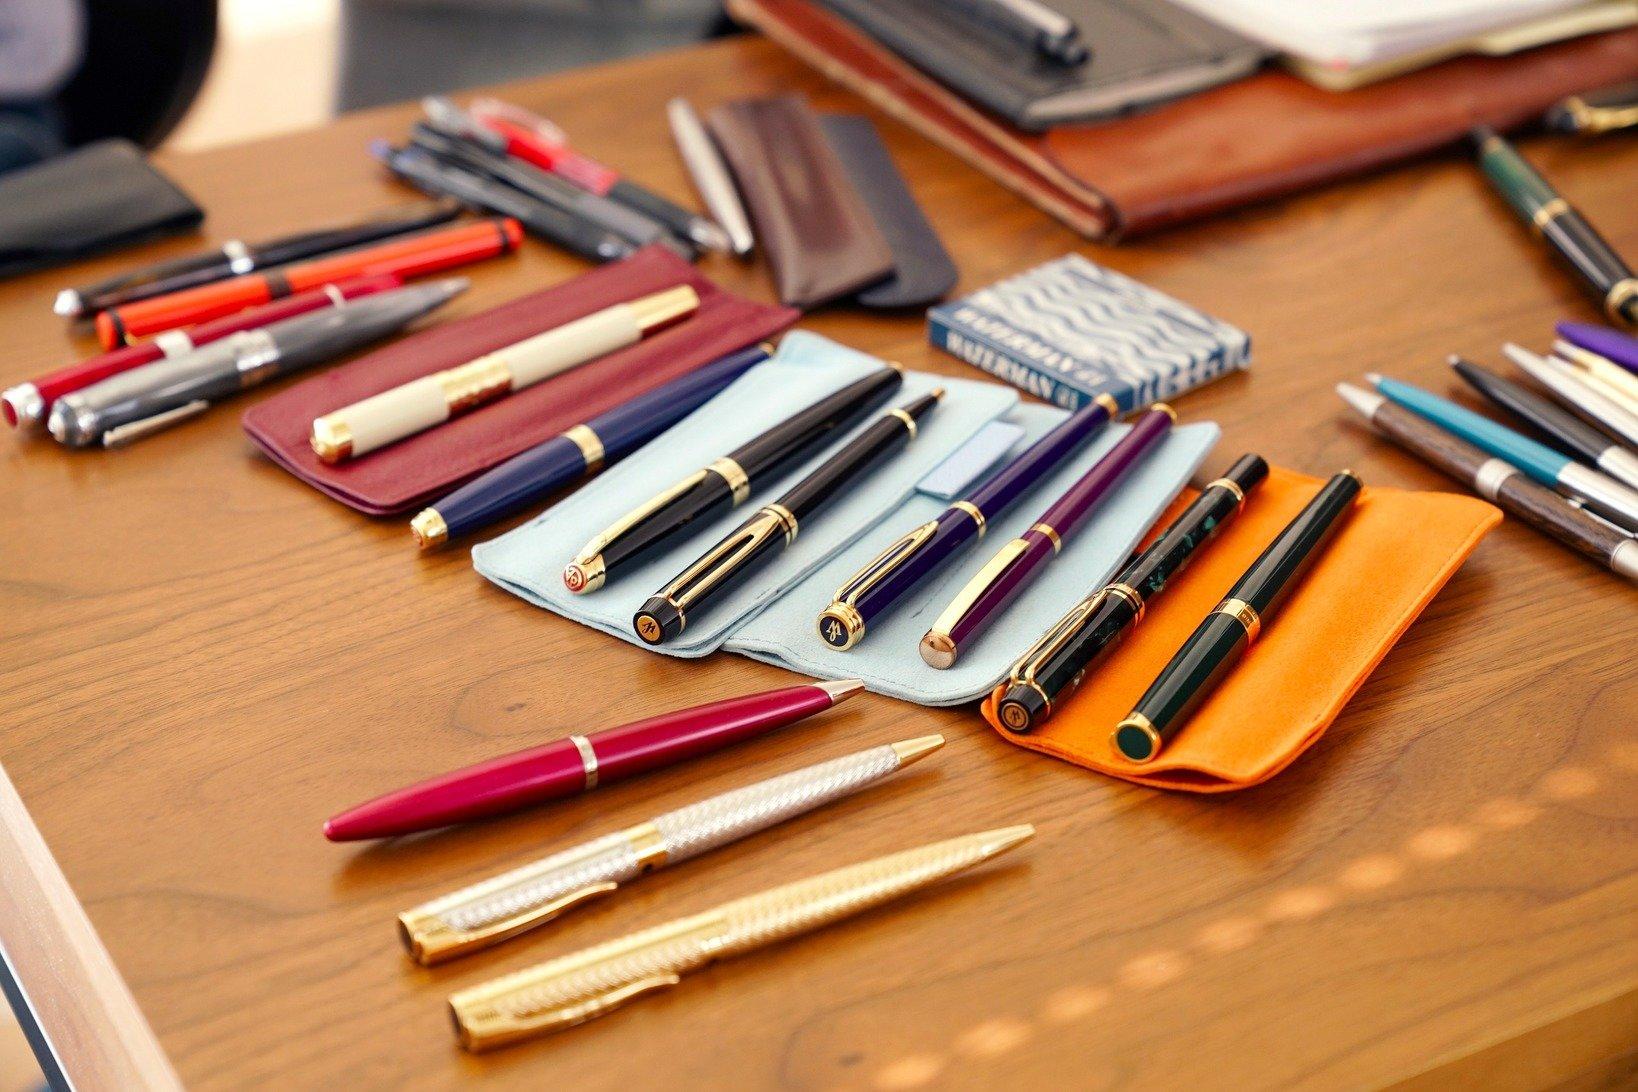 倉野さん持参の筆記具たち。